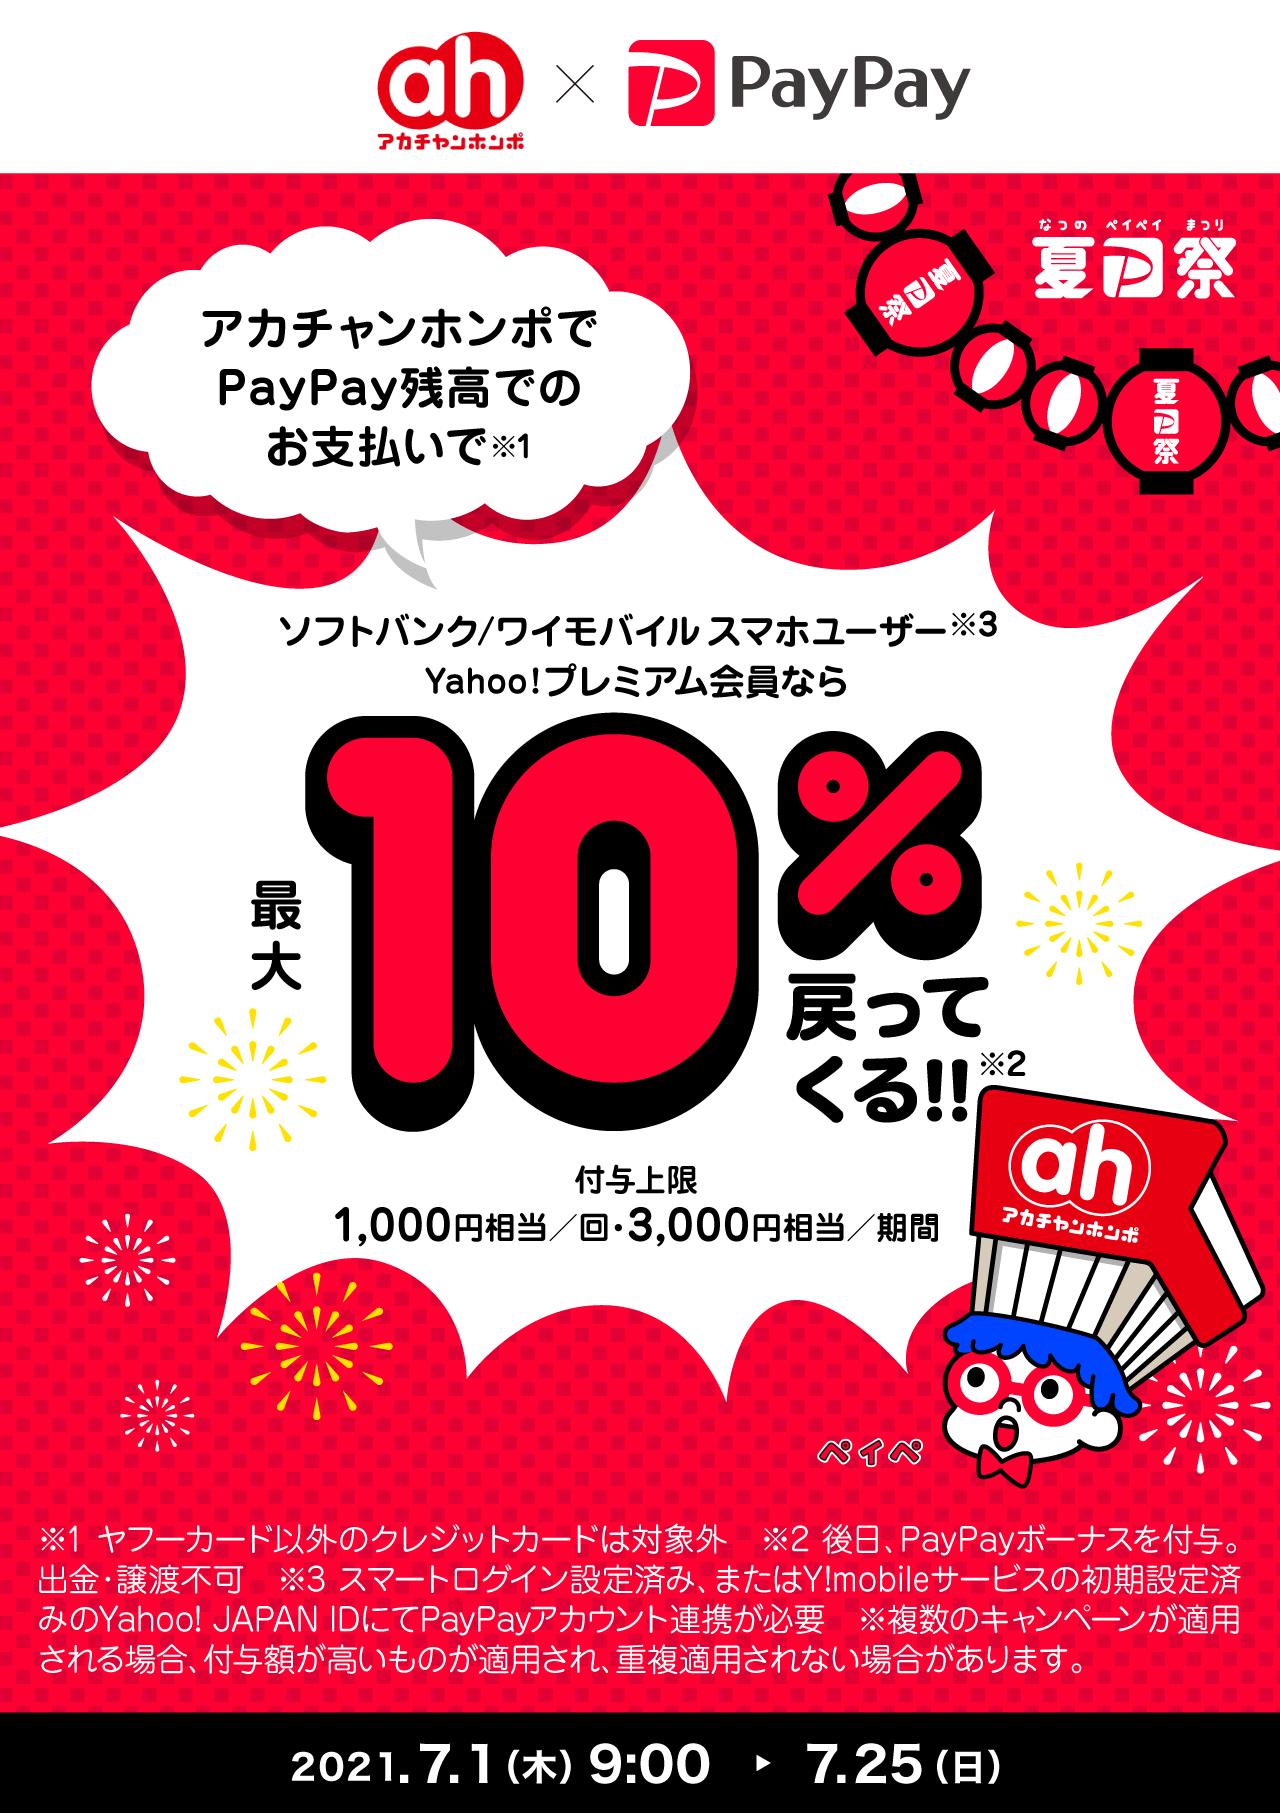 アカチャンホンポでPayPay残高でのお支払いで最大10%戻ってくる!!